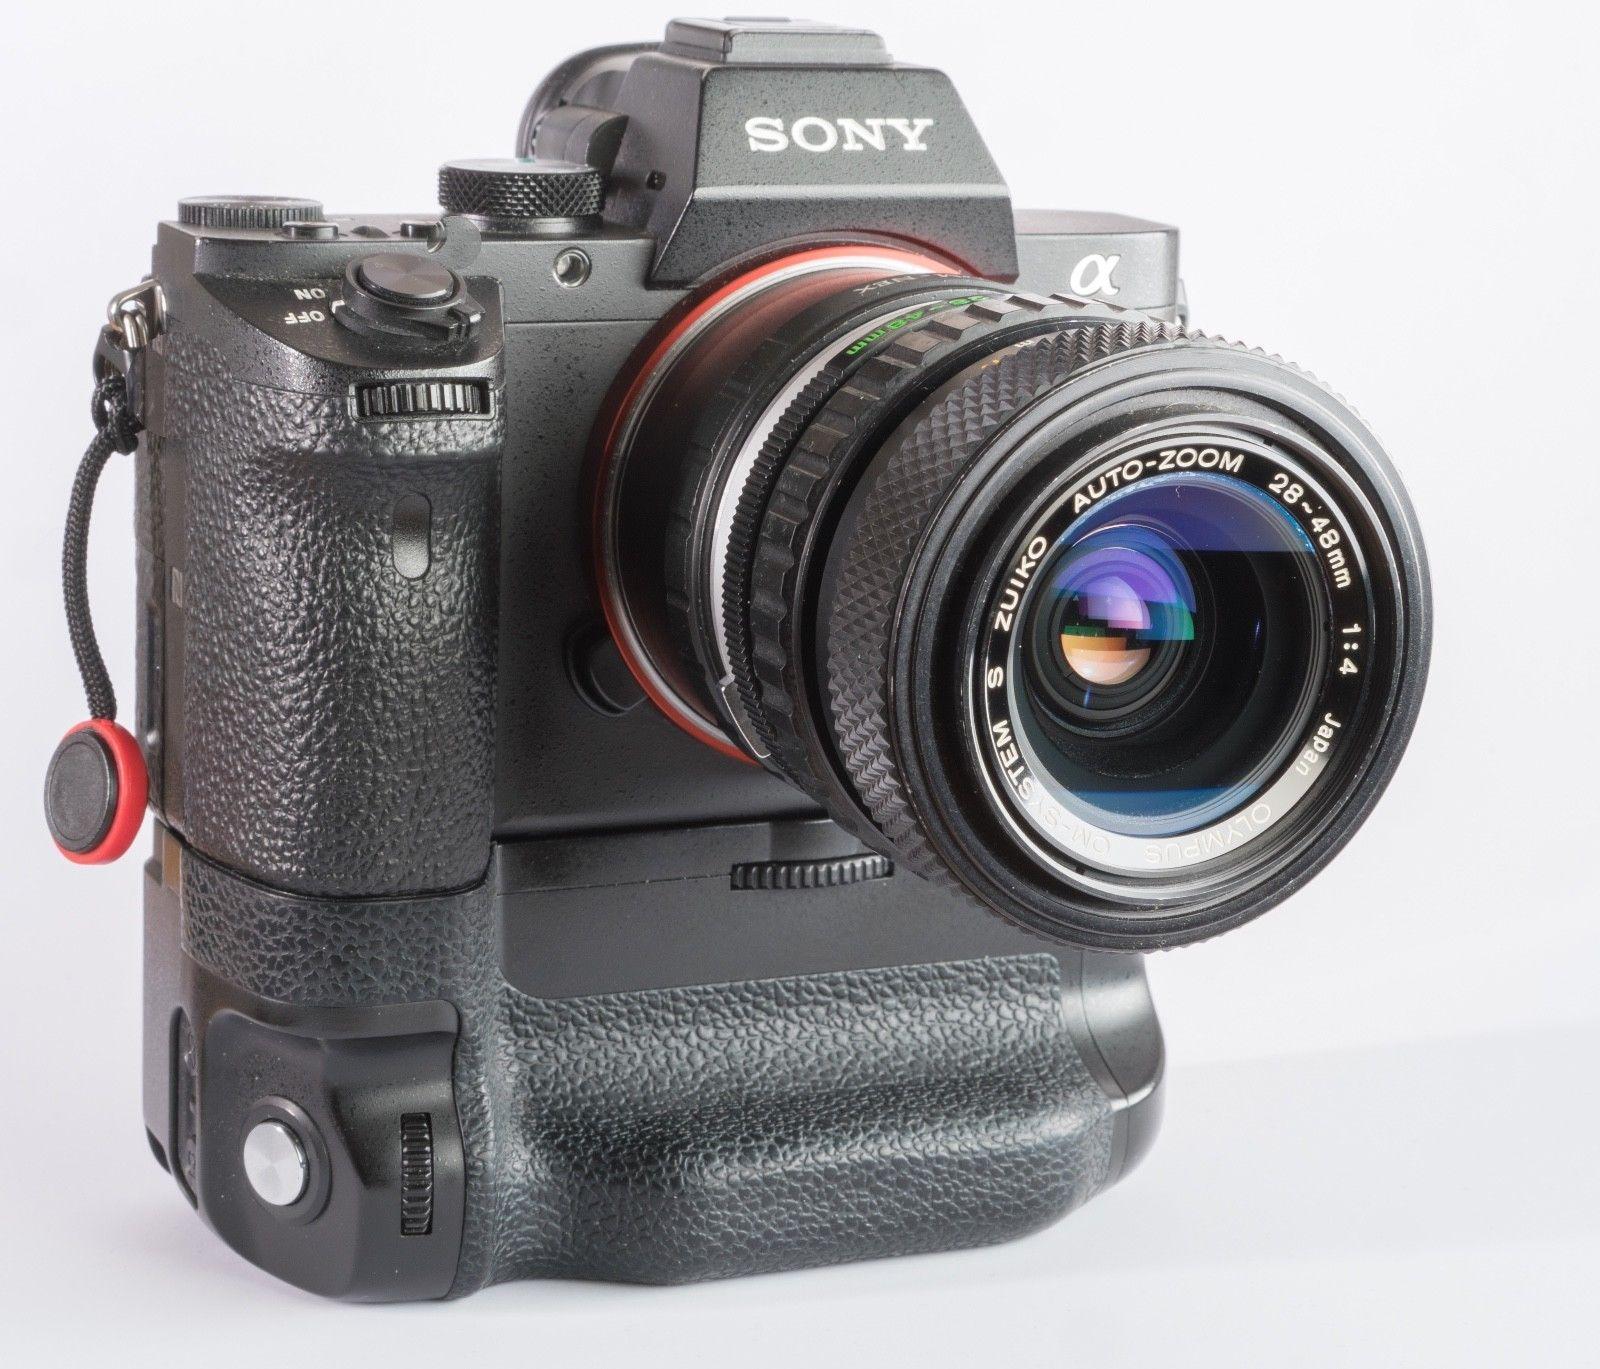 Sony A7 II (Alpha ILCE-7M2) 24.3 MP Digitalkamera - Schwarz mit Zubehörpaket